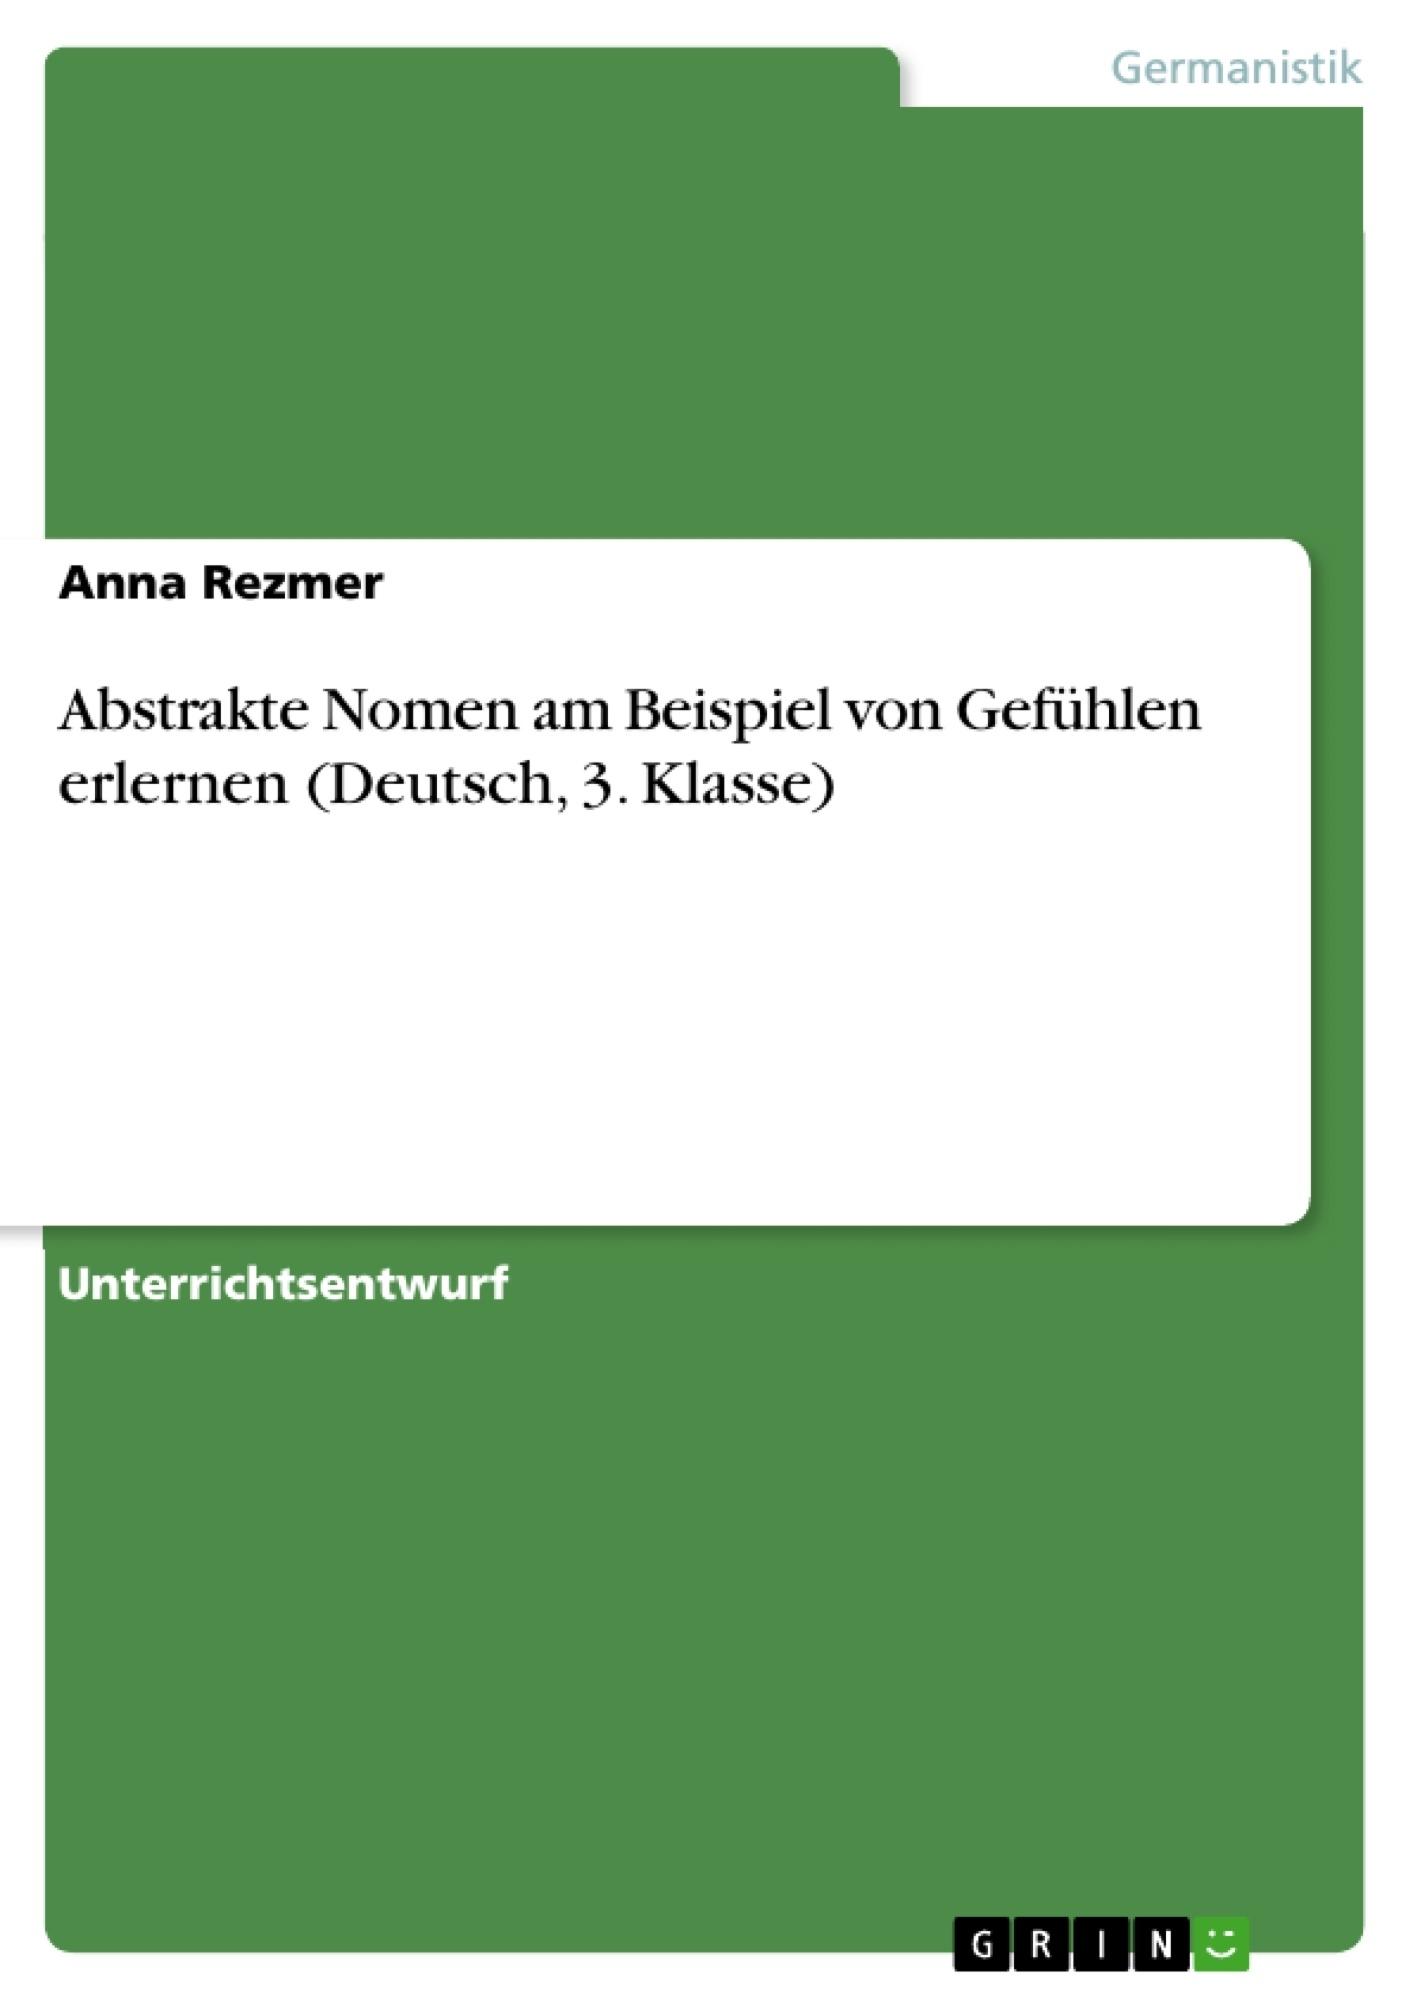 Titel: Abstrakte Nomen am Beispiel von Gefühlen erlernen (Deutsch, 3. Klasse)